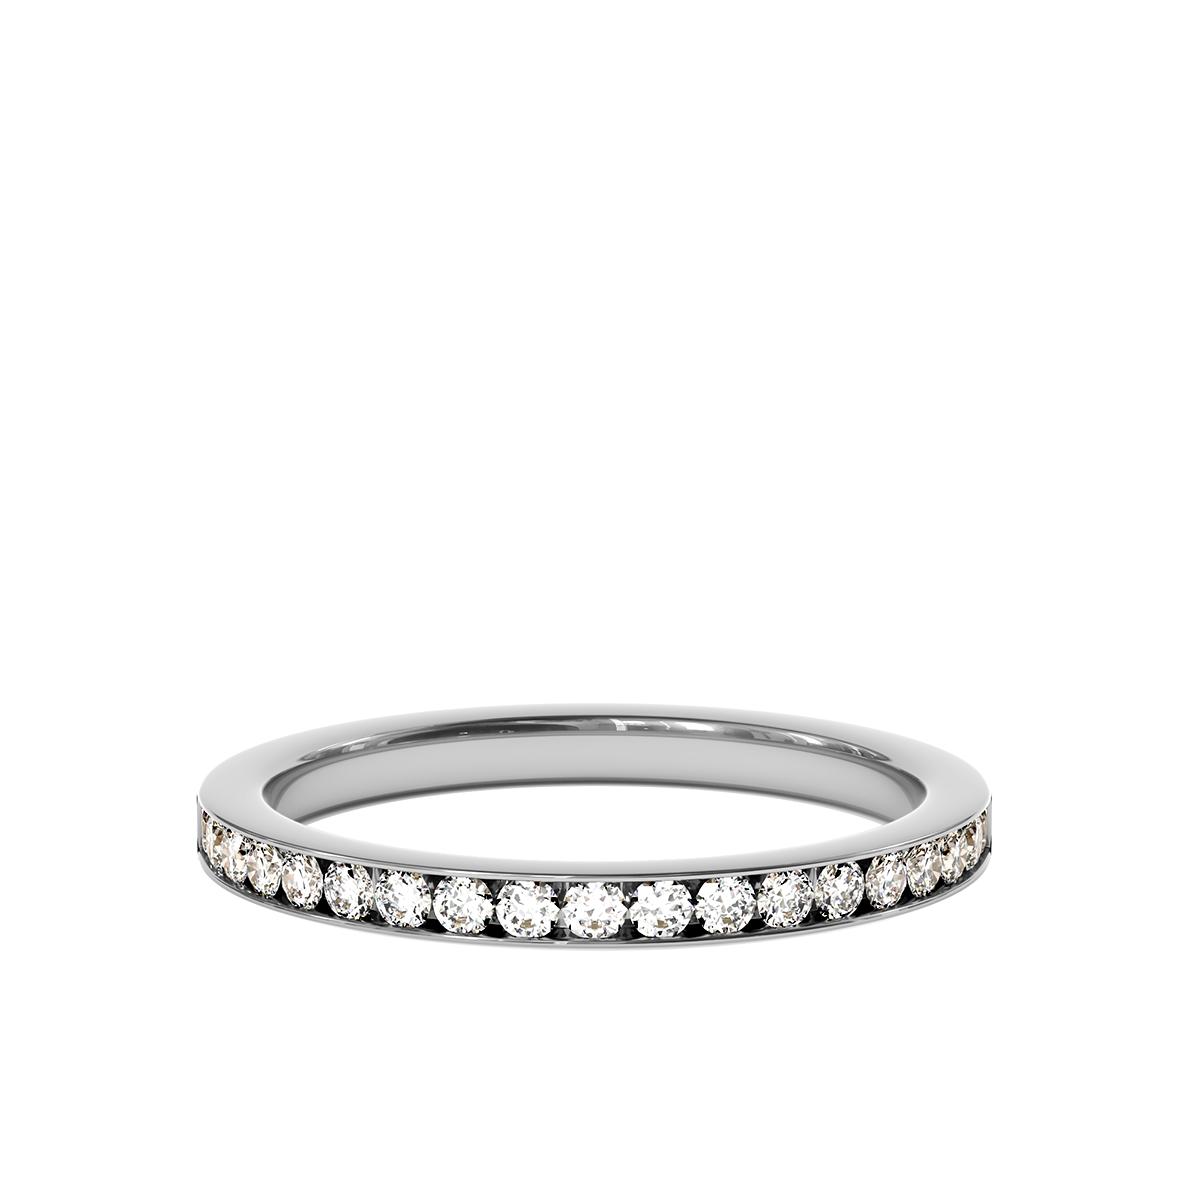 Сватбена халка Queen за нея от бяло злато и диаманти.